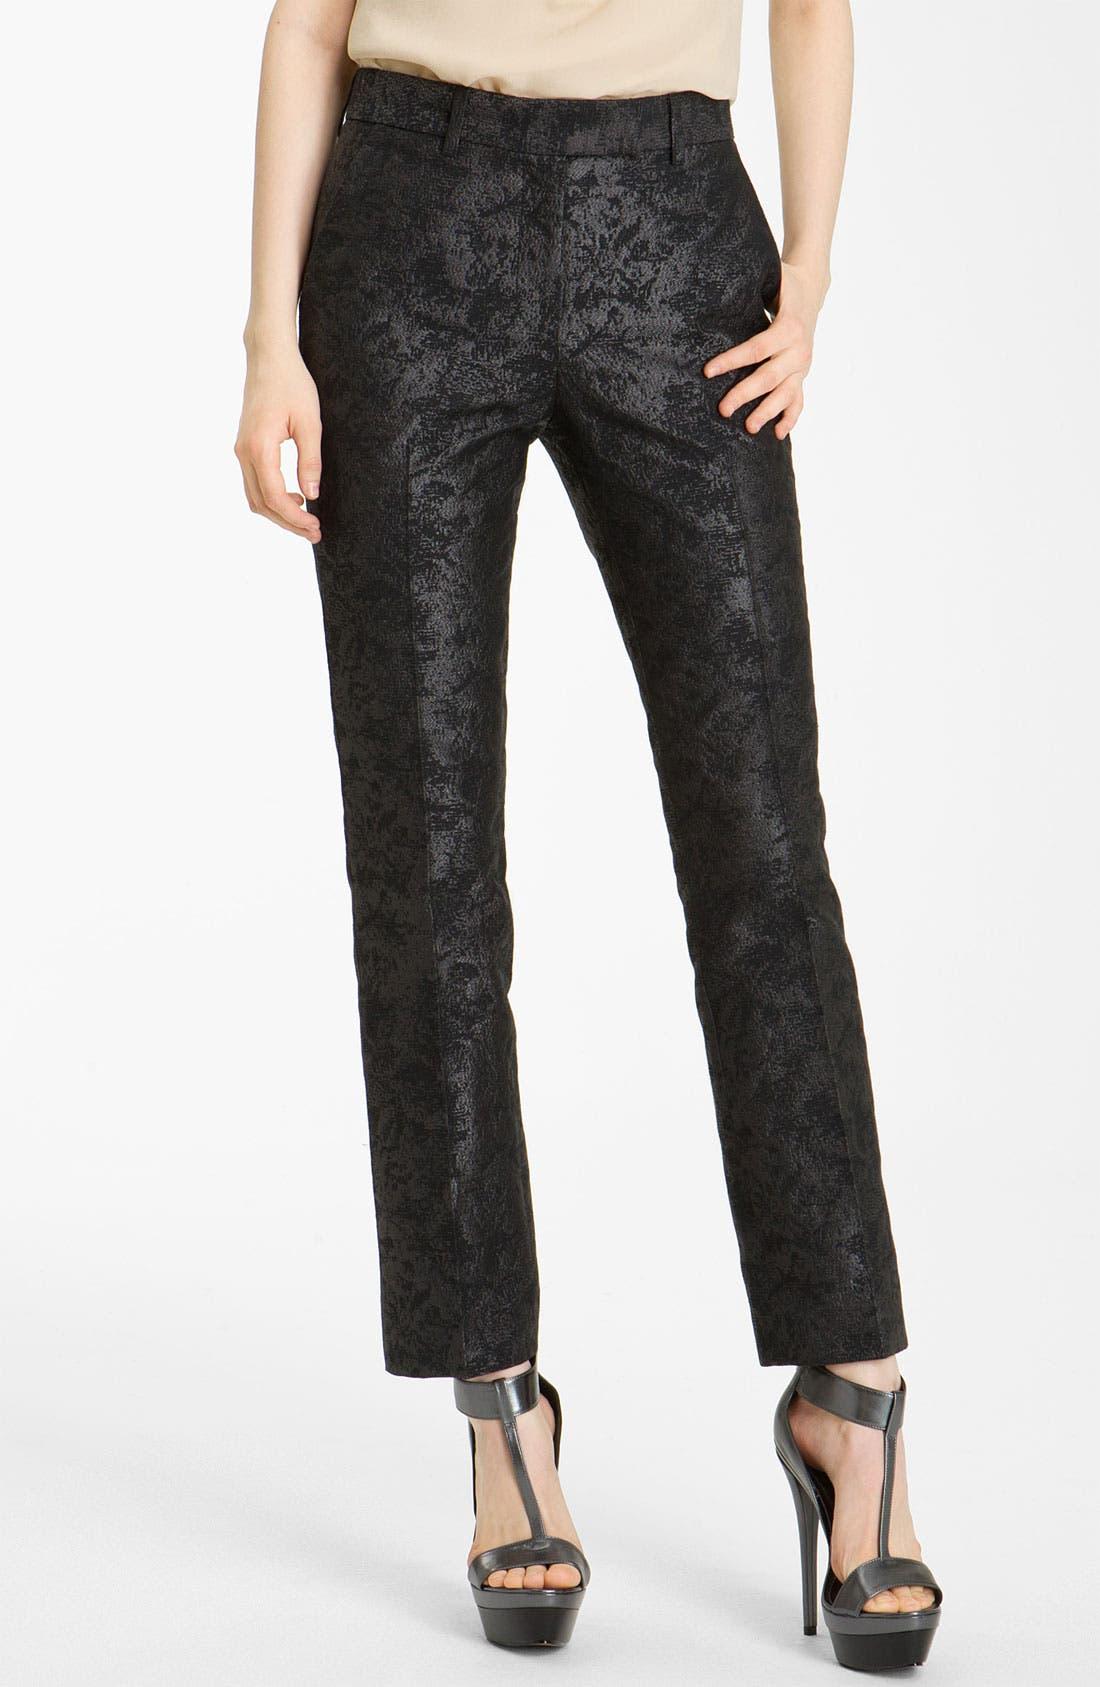 Alternate Image 1 Selected - Rachel Zoe 'Anne II' Slim Brocade Pants